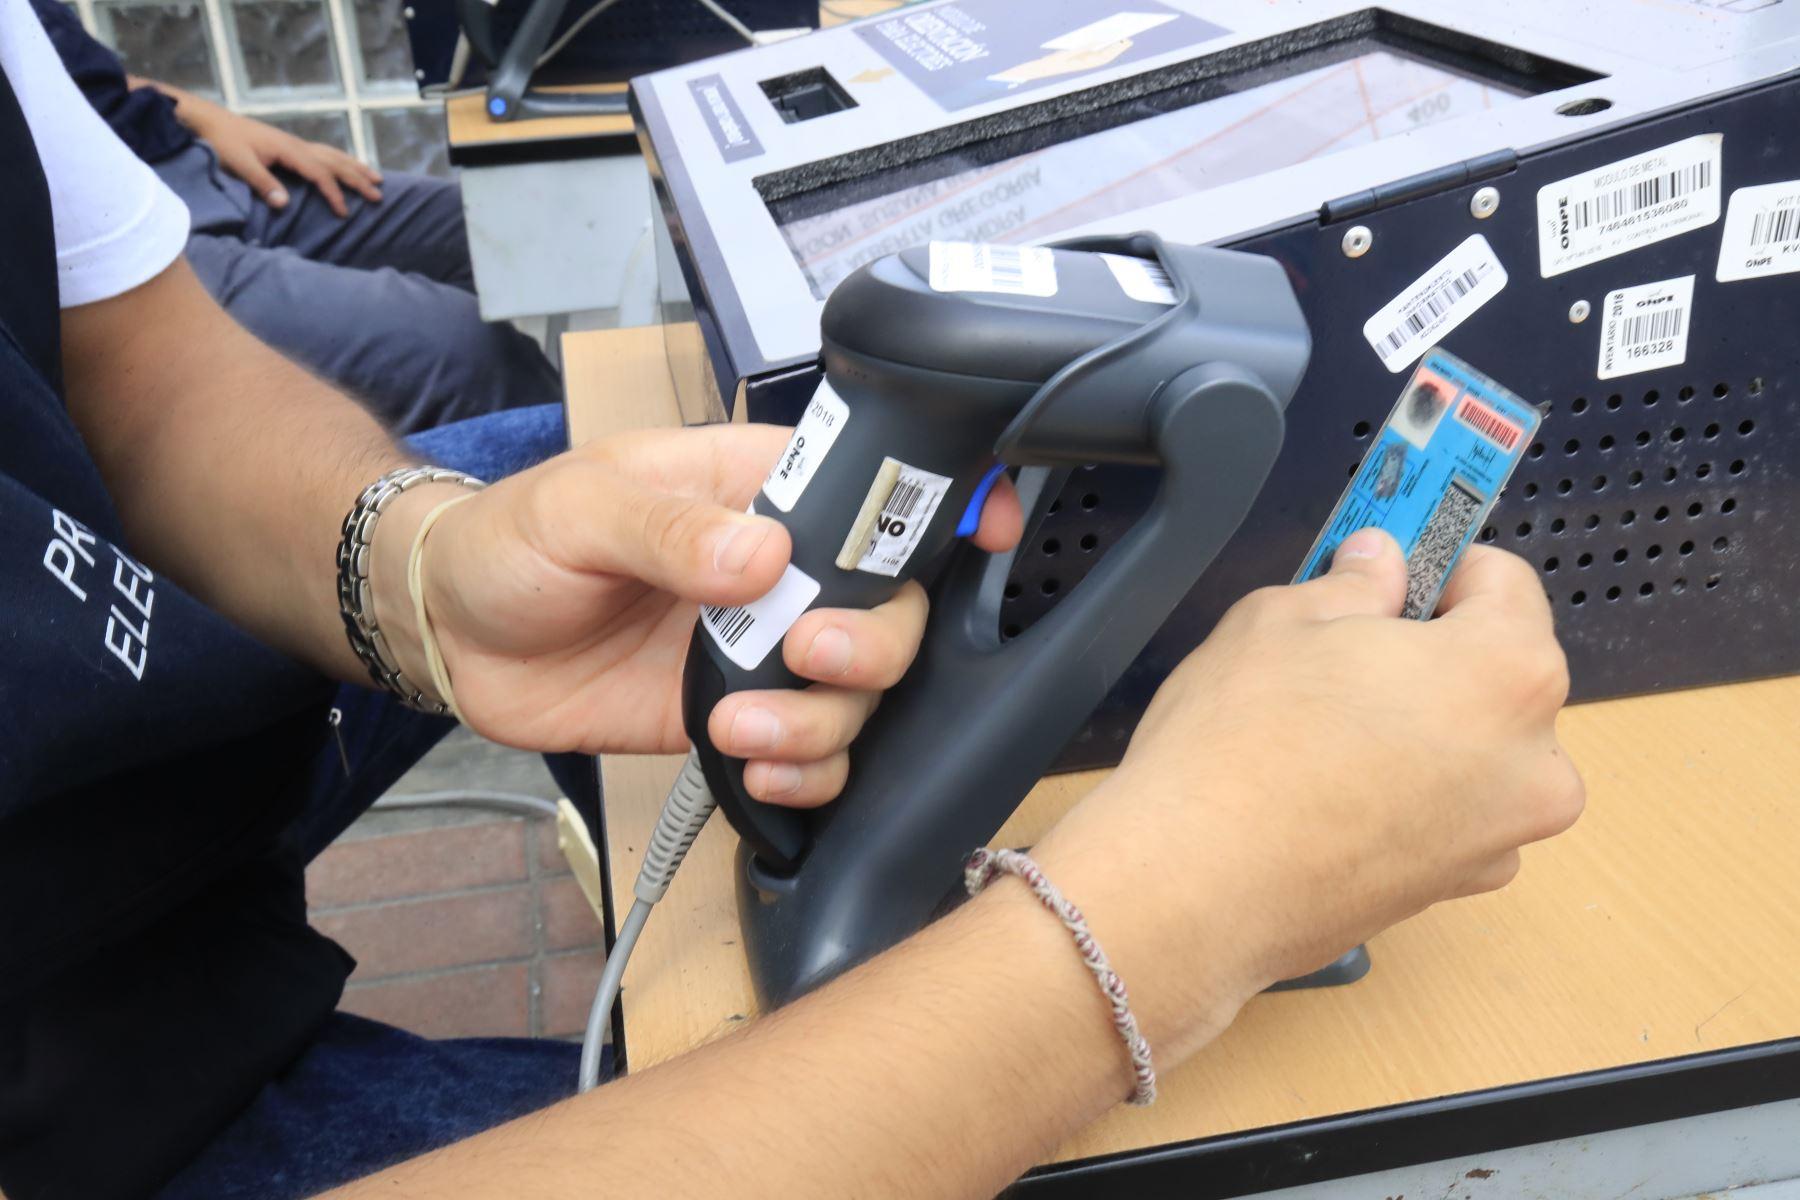 Voto electrónico en el centro educativo Melitón Carvajal, donde electores emitirán su voto en las Elecciones Congresales Extraordinarias 2020. Foto: ANDINA/Juan Carlos Guzmán.